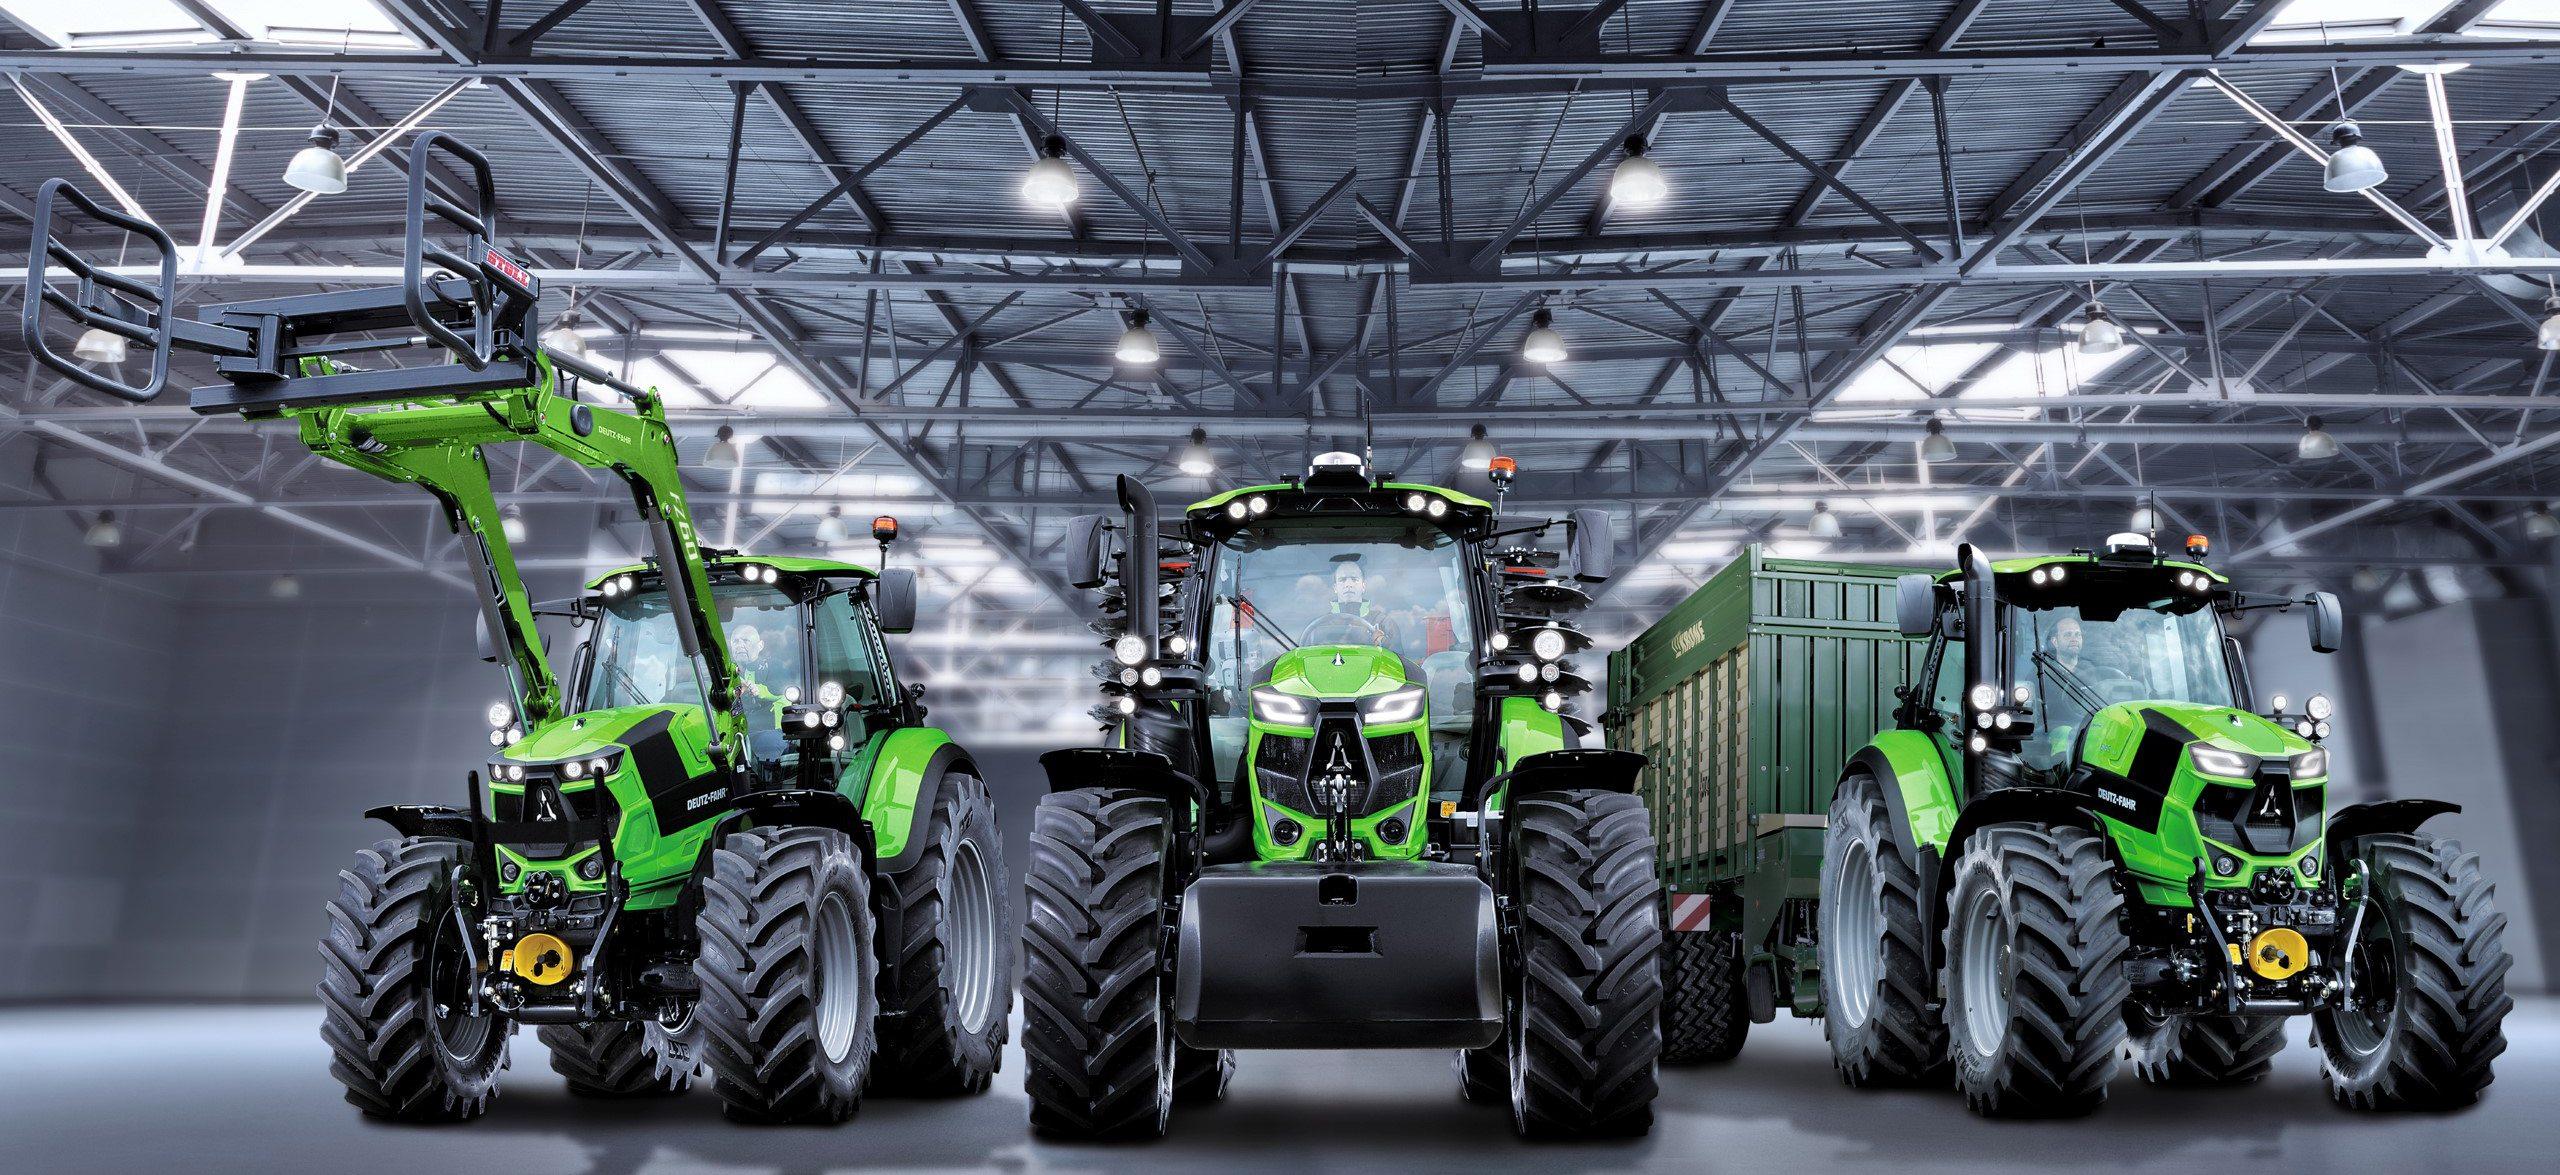 Drei verschiedene Ausführungen der Agrotron Serie 6 Traktoren in einer Halle